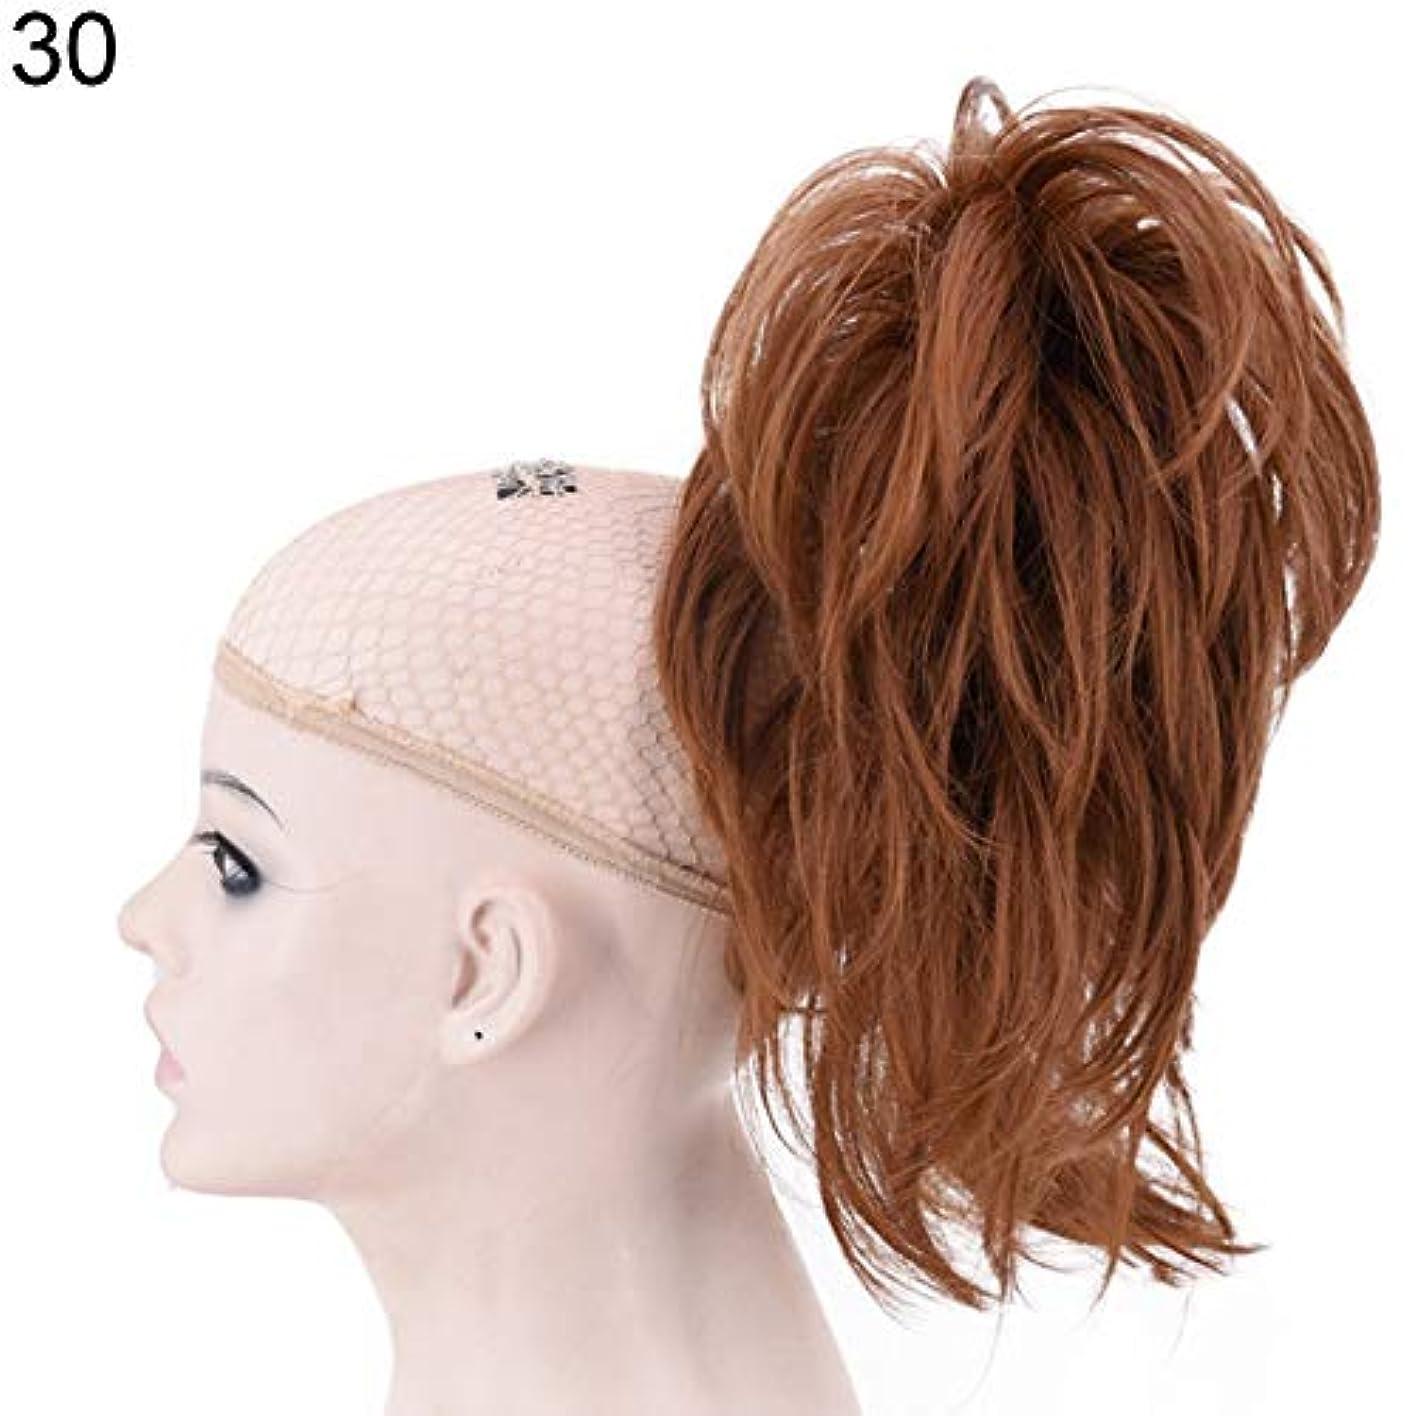 びっくり同情豚肉slQinjiansav女性ウィッグ修復ツール30cmポニーテール合成ヘアエクステンションパーティーウィッグヘアピースのショートカーリークリップ